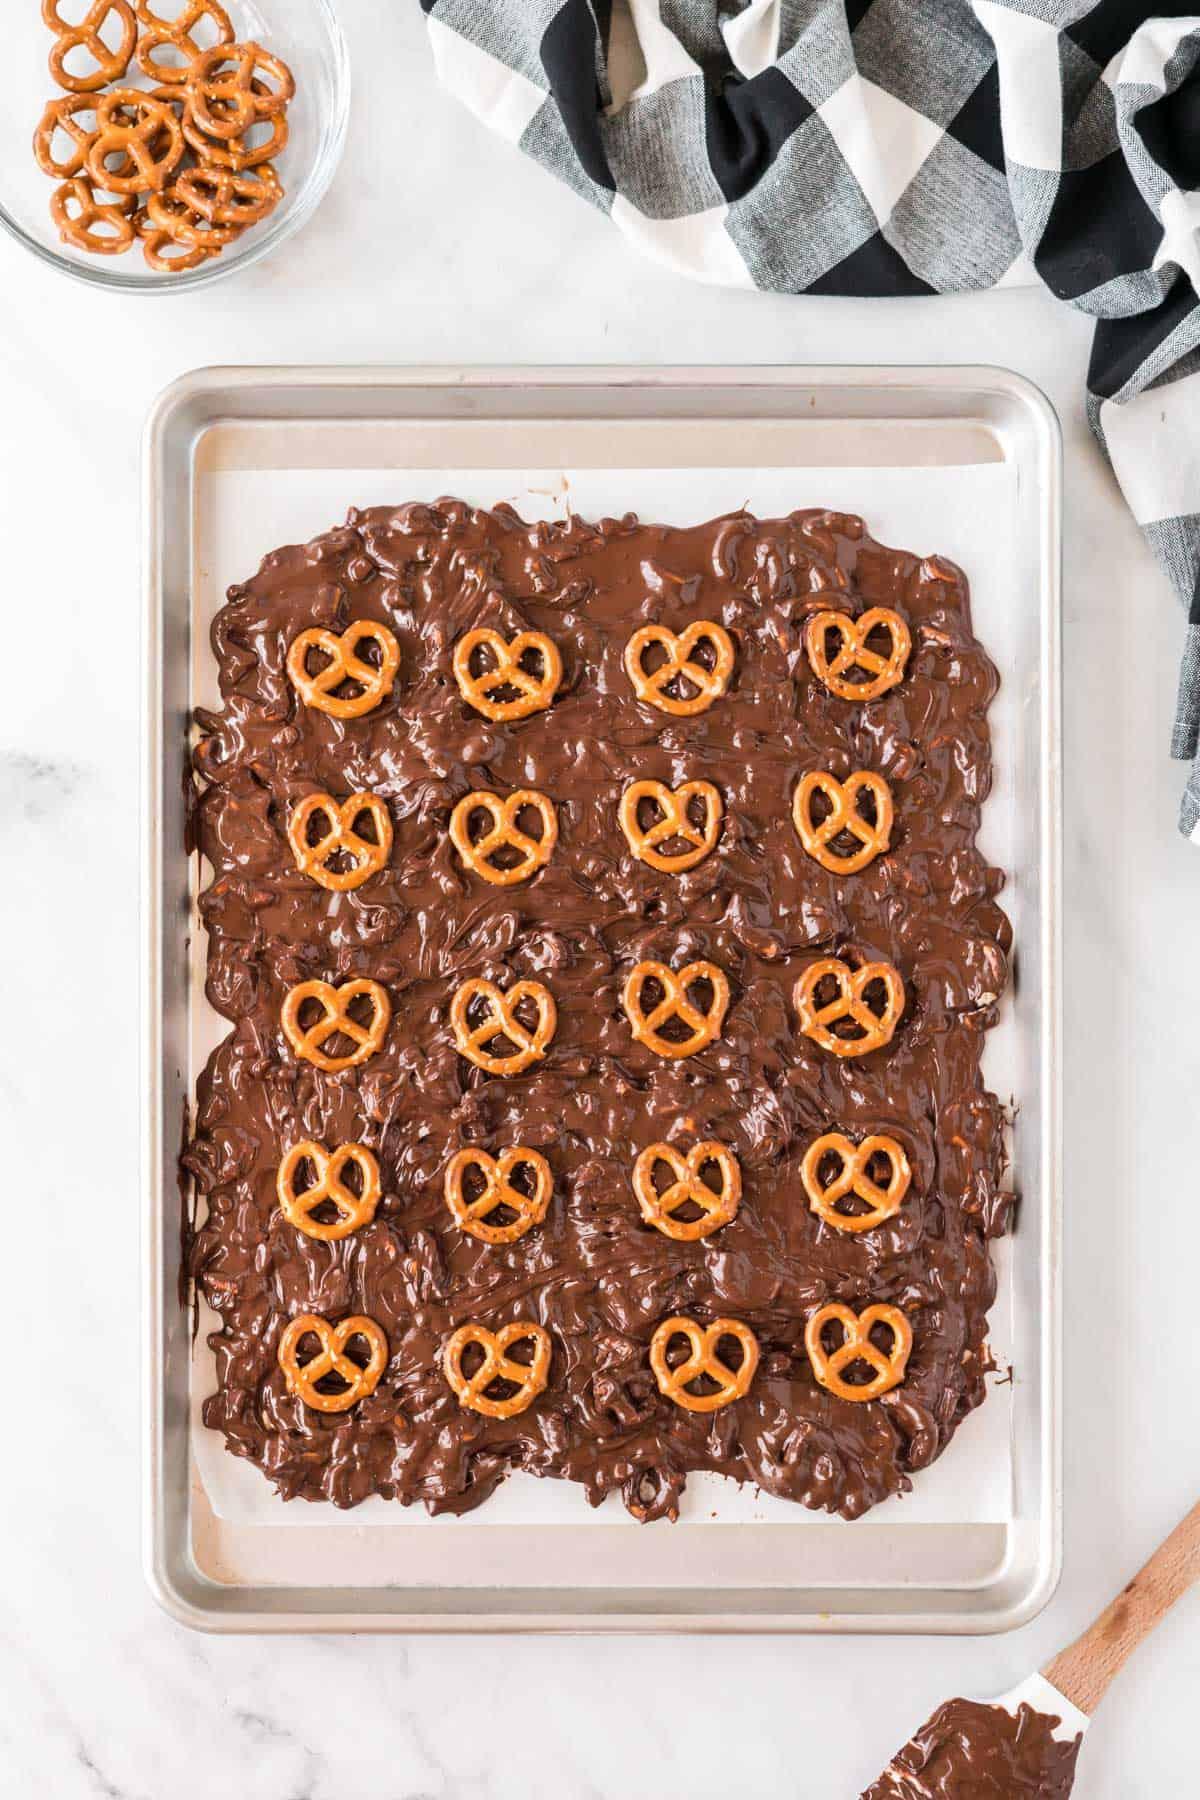 pretzel bark topped with whole pretzels